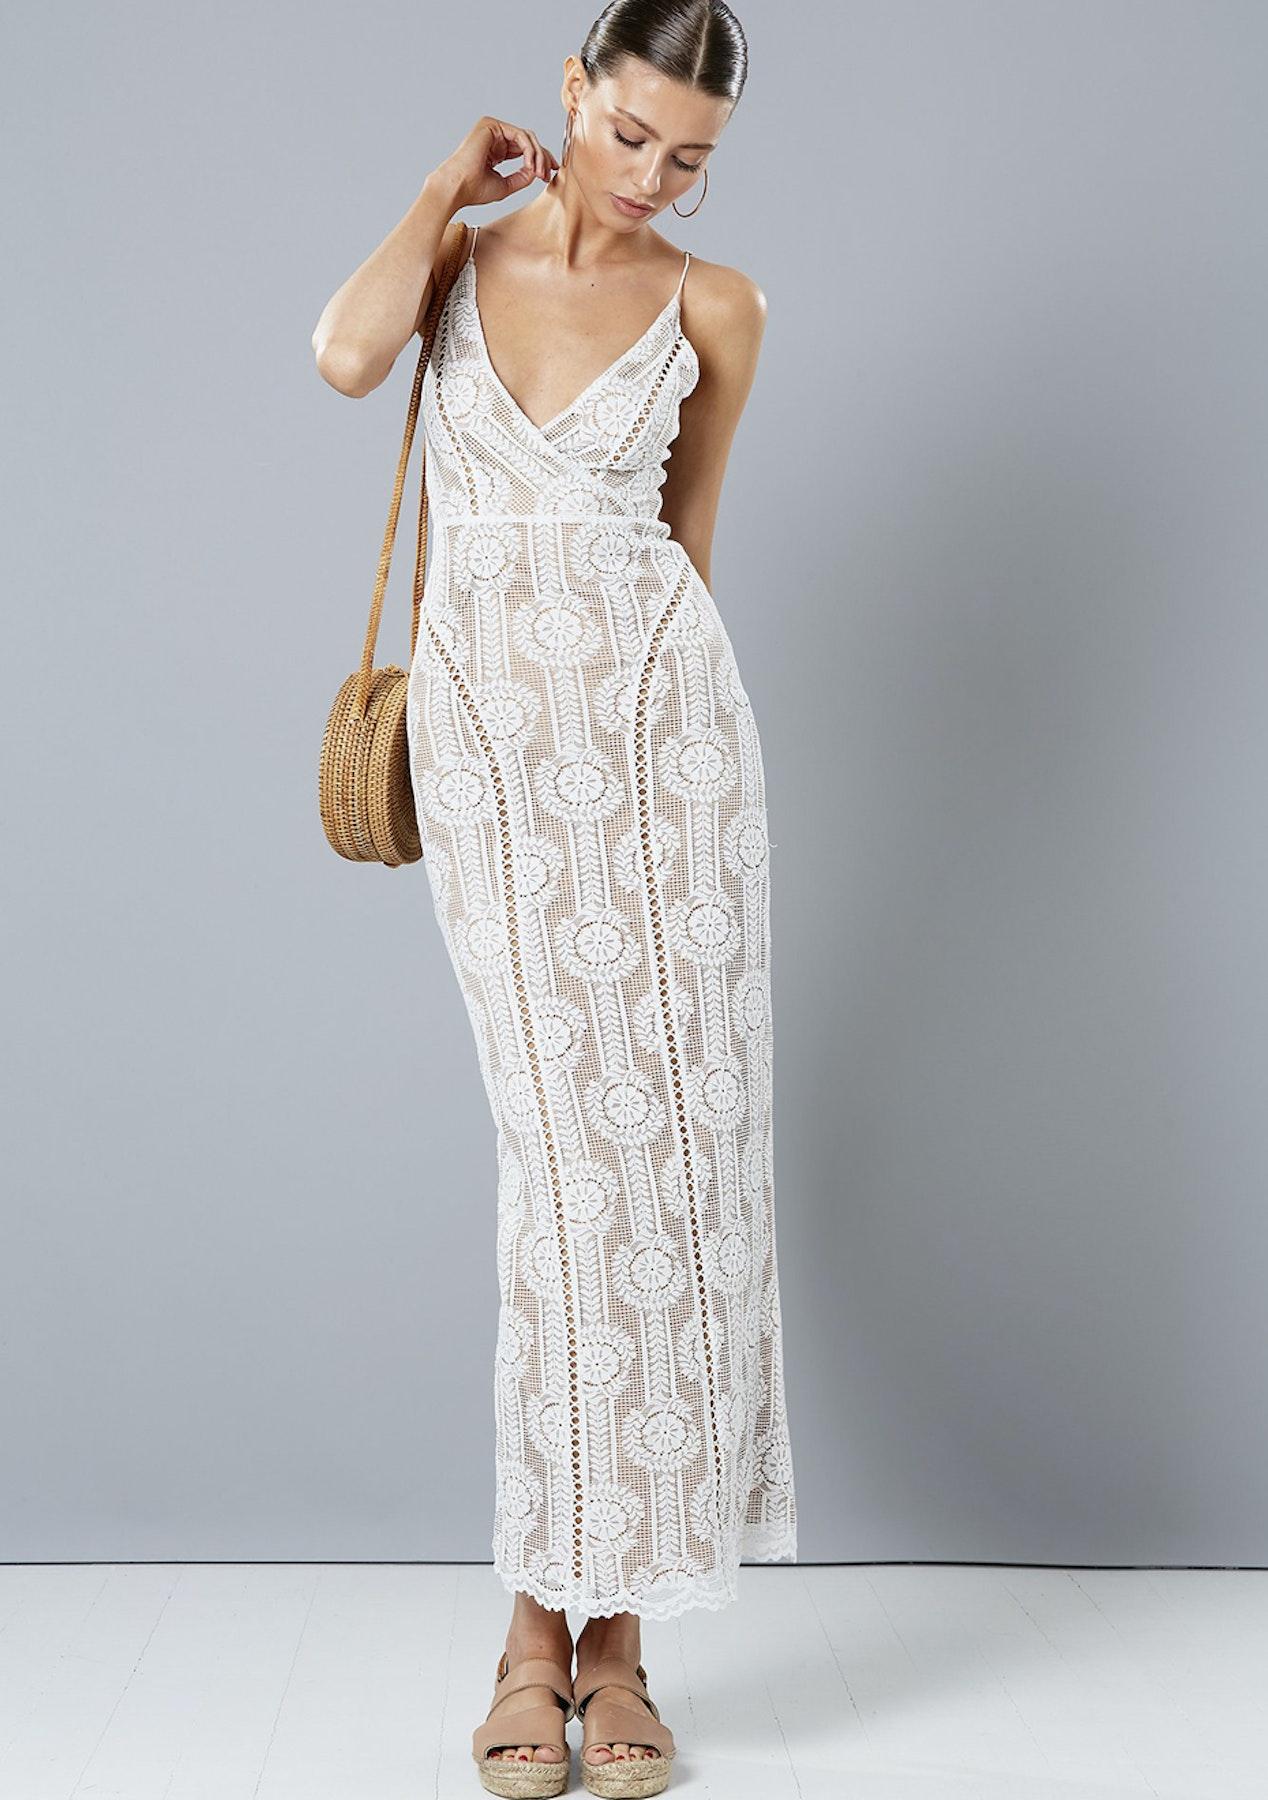 5de314d3c93 White Lace Maxi Dress Au - Data Dynamic AG